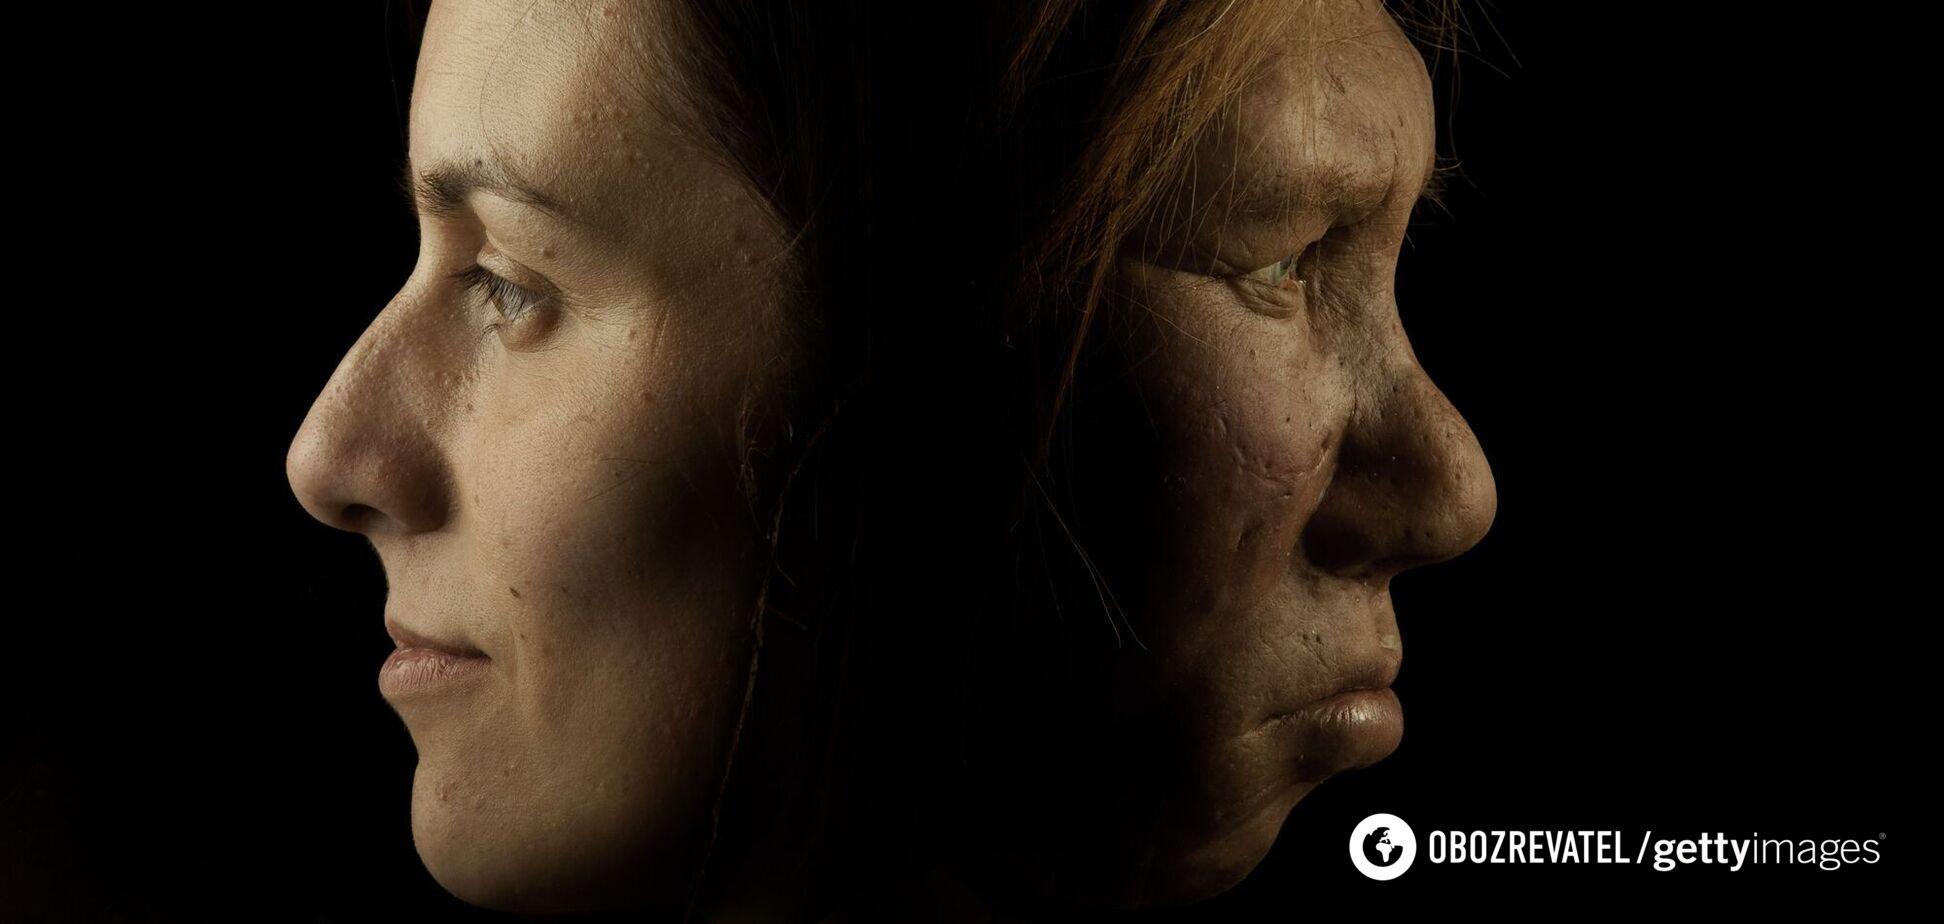 Найдено новое мутационное отличие человека от неандертальца